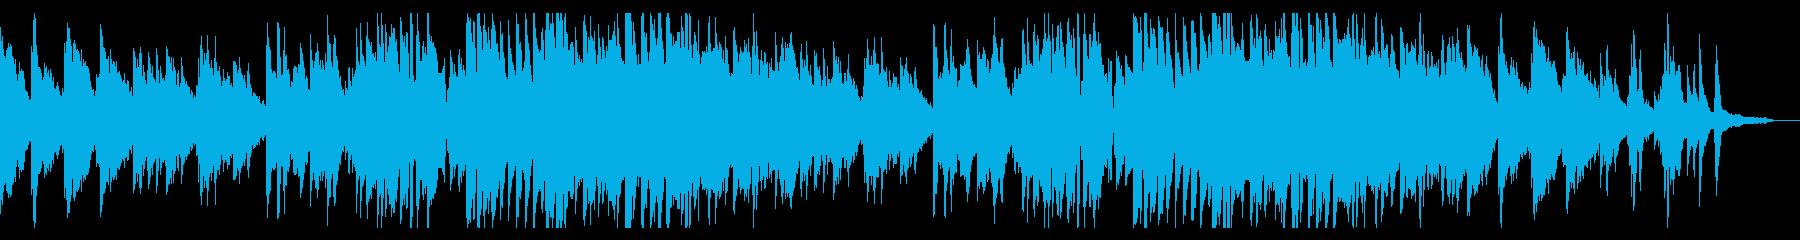 Happy Energy Pianoの再生済みの波形